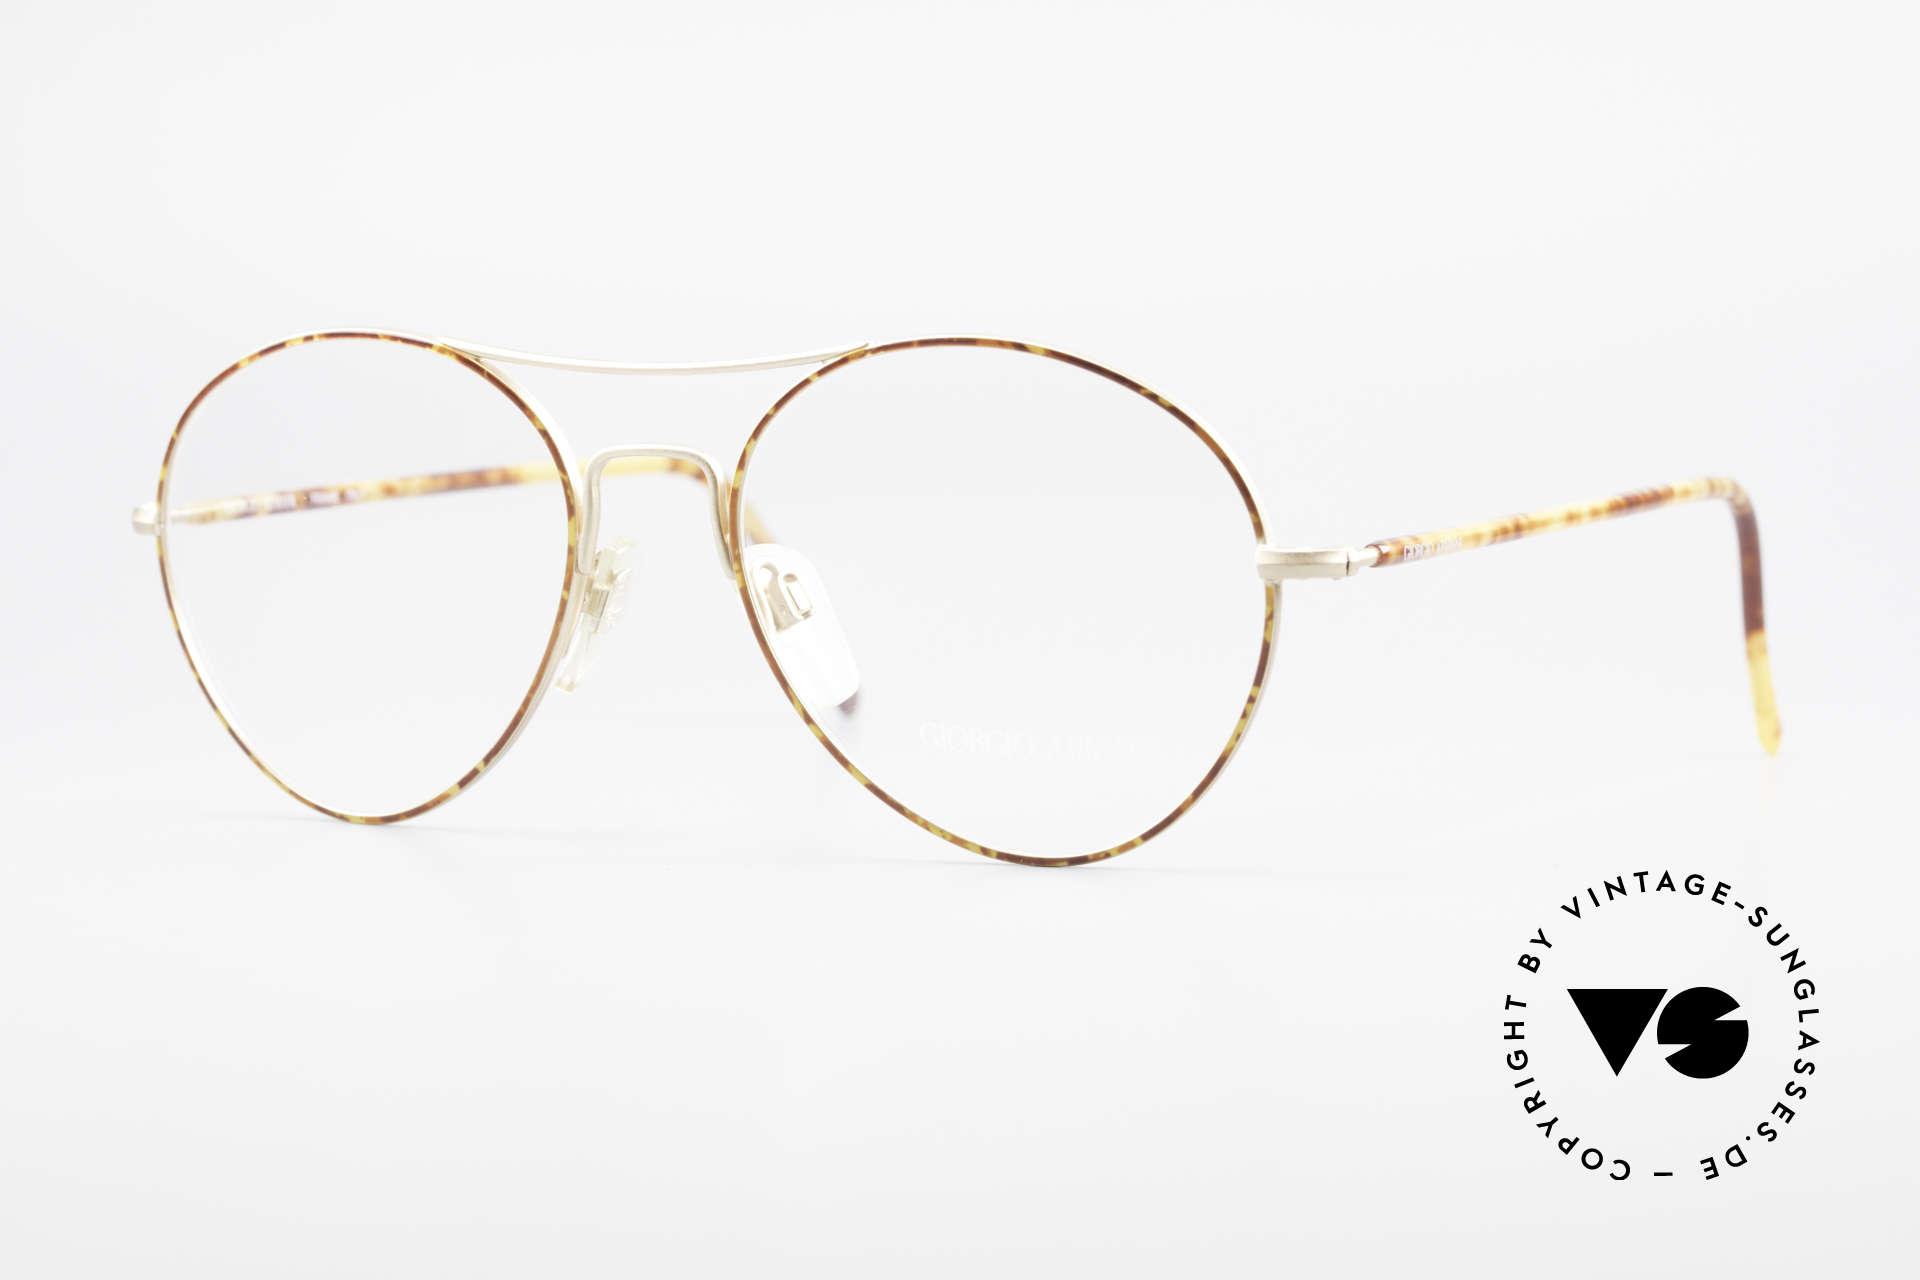 Giorgio Armani 120 Vintage Aviator Brille Herren, Aviator Herren-Brille vom Modedesigner G.Armani, Passend für Herren